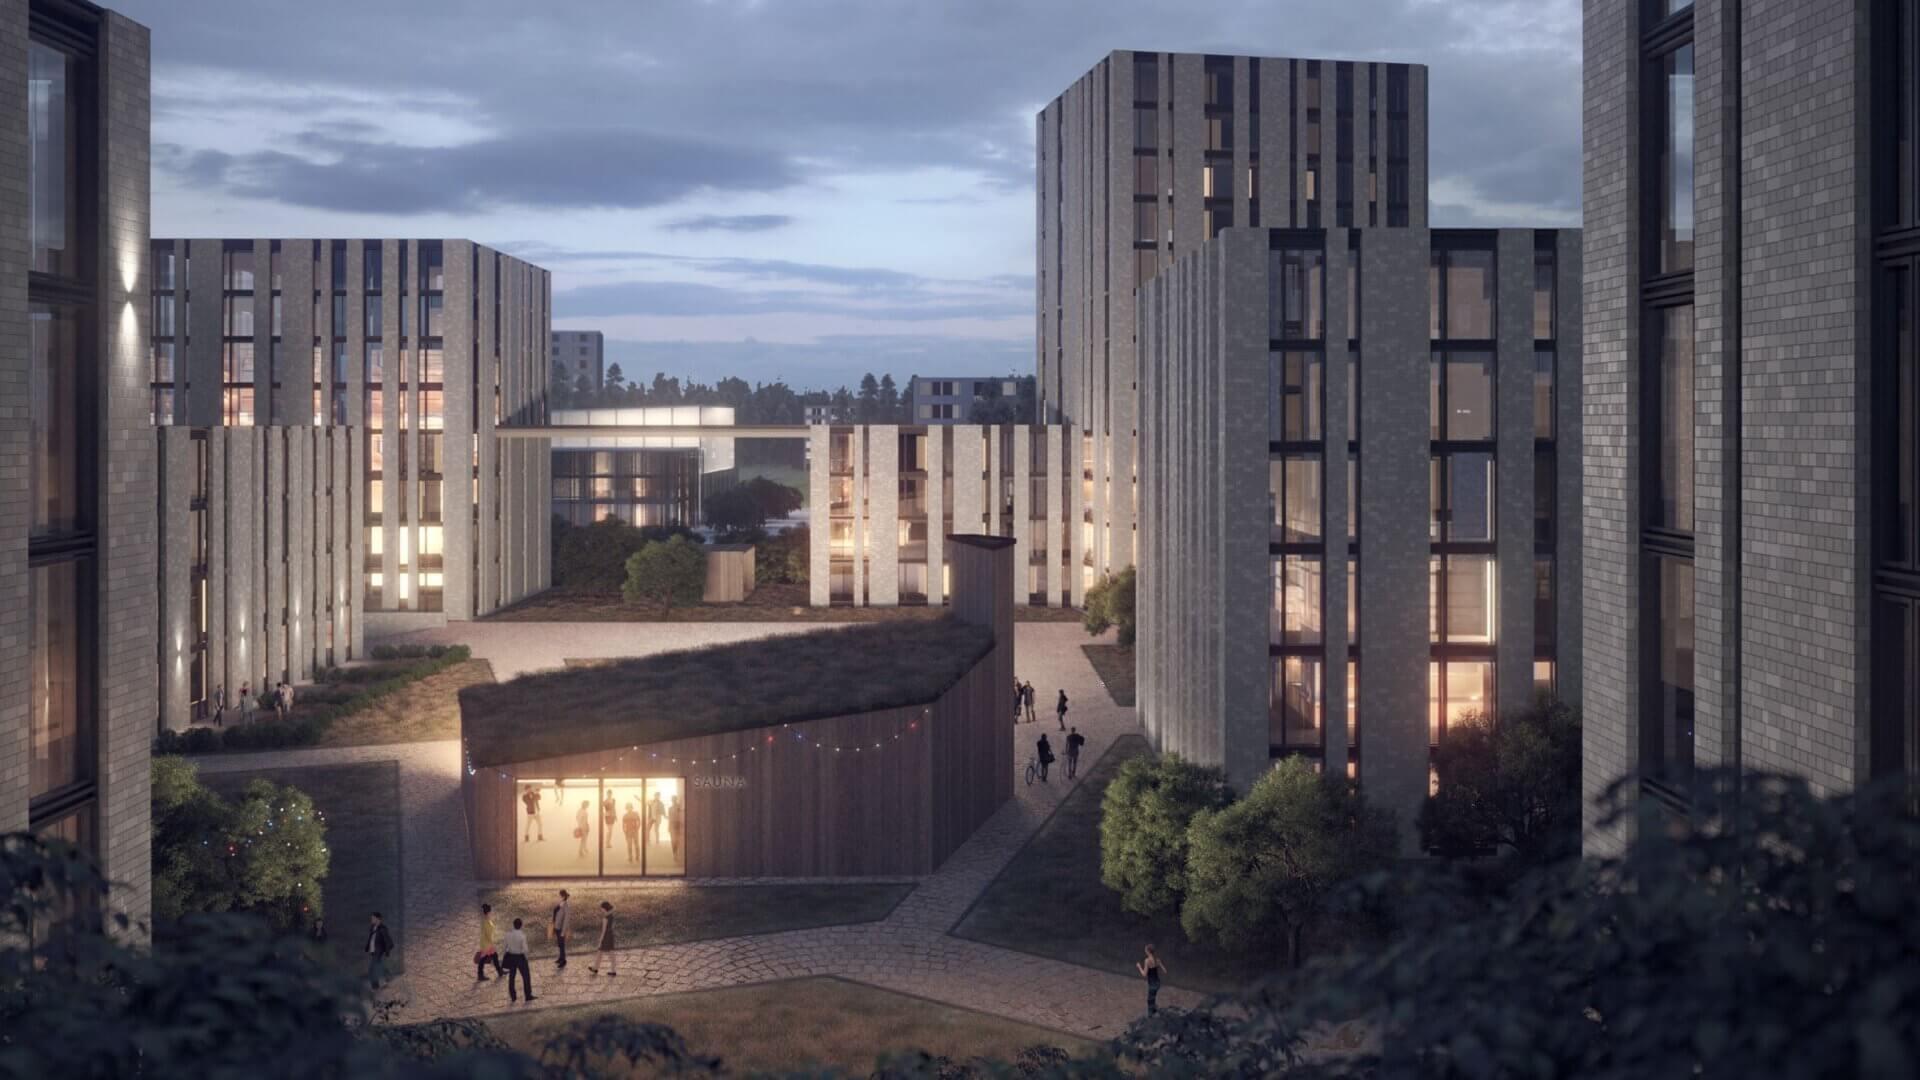 """Meijou osallistui Tampereen kaupungin järjestämään Hakametsän suunnittelukilpailuun, tuloksena palkintosijoille yltänyt """"Hakametsä Sport Campus -konsepti"""" 5"""